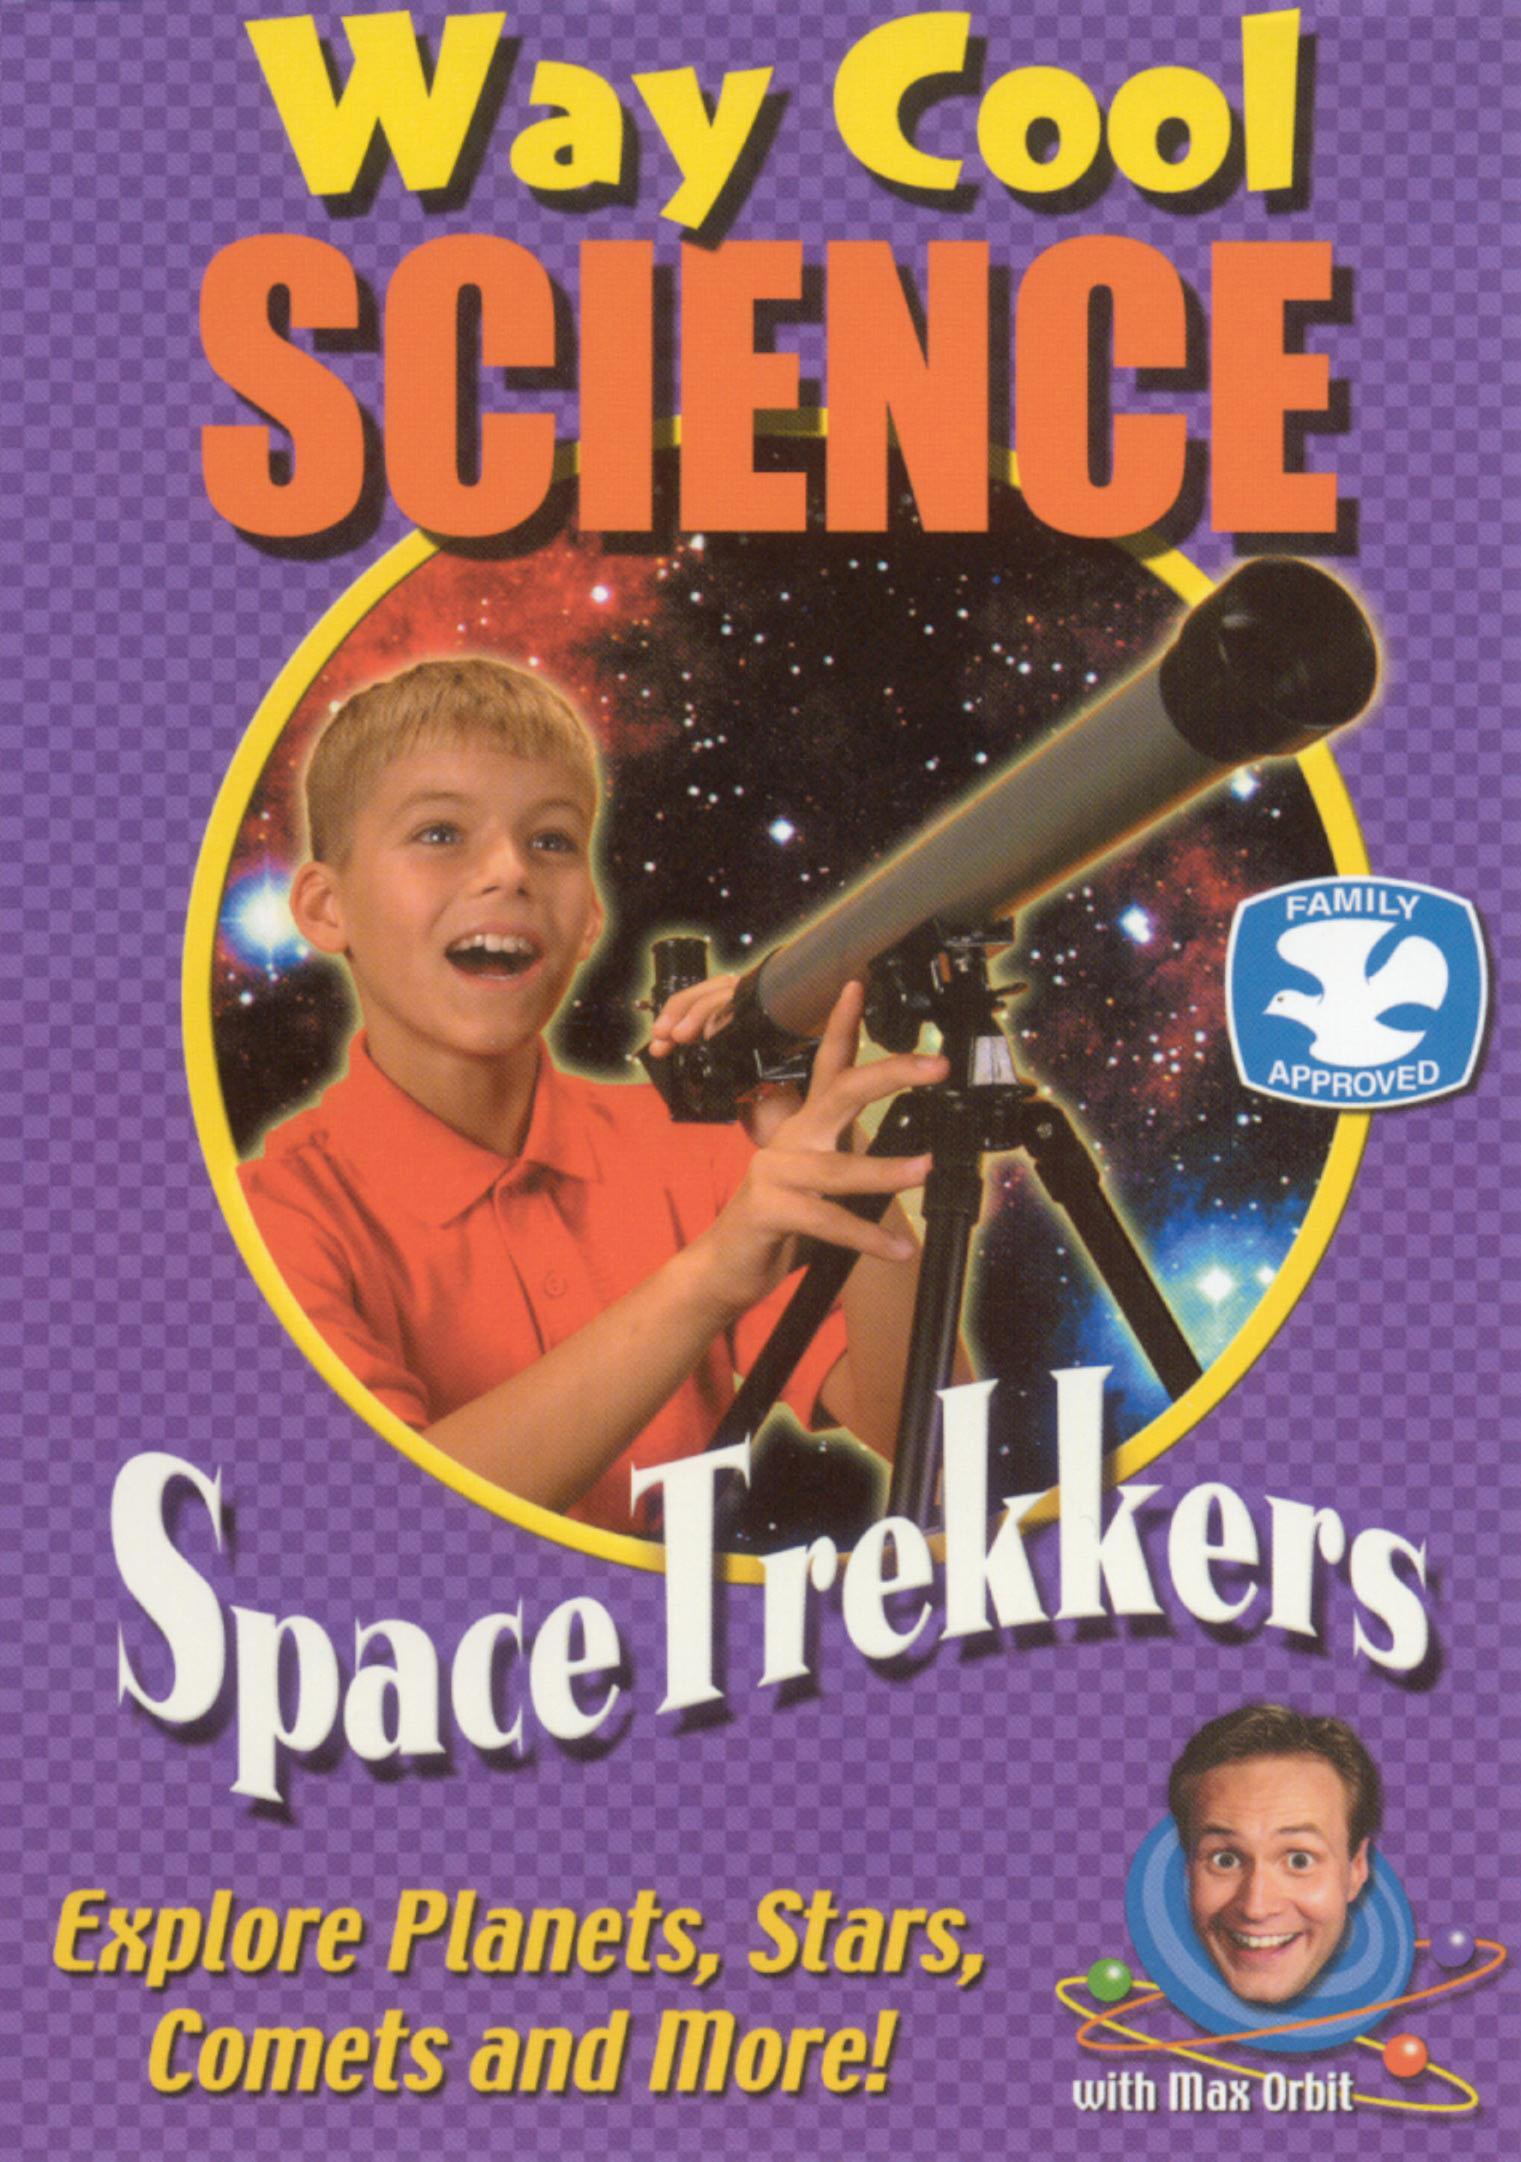 Way Cool Science: Space Trekkers